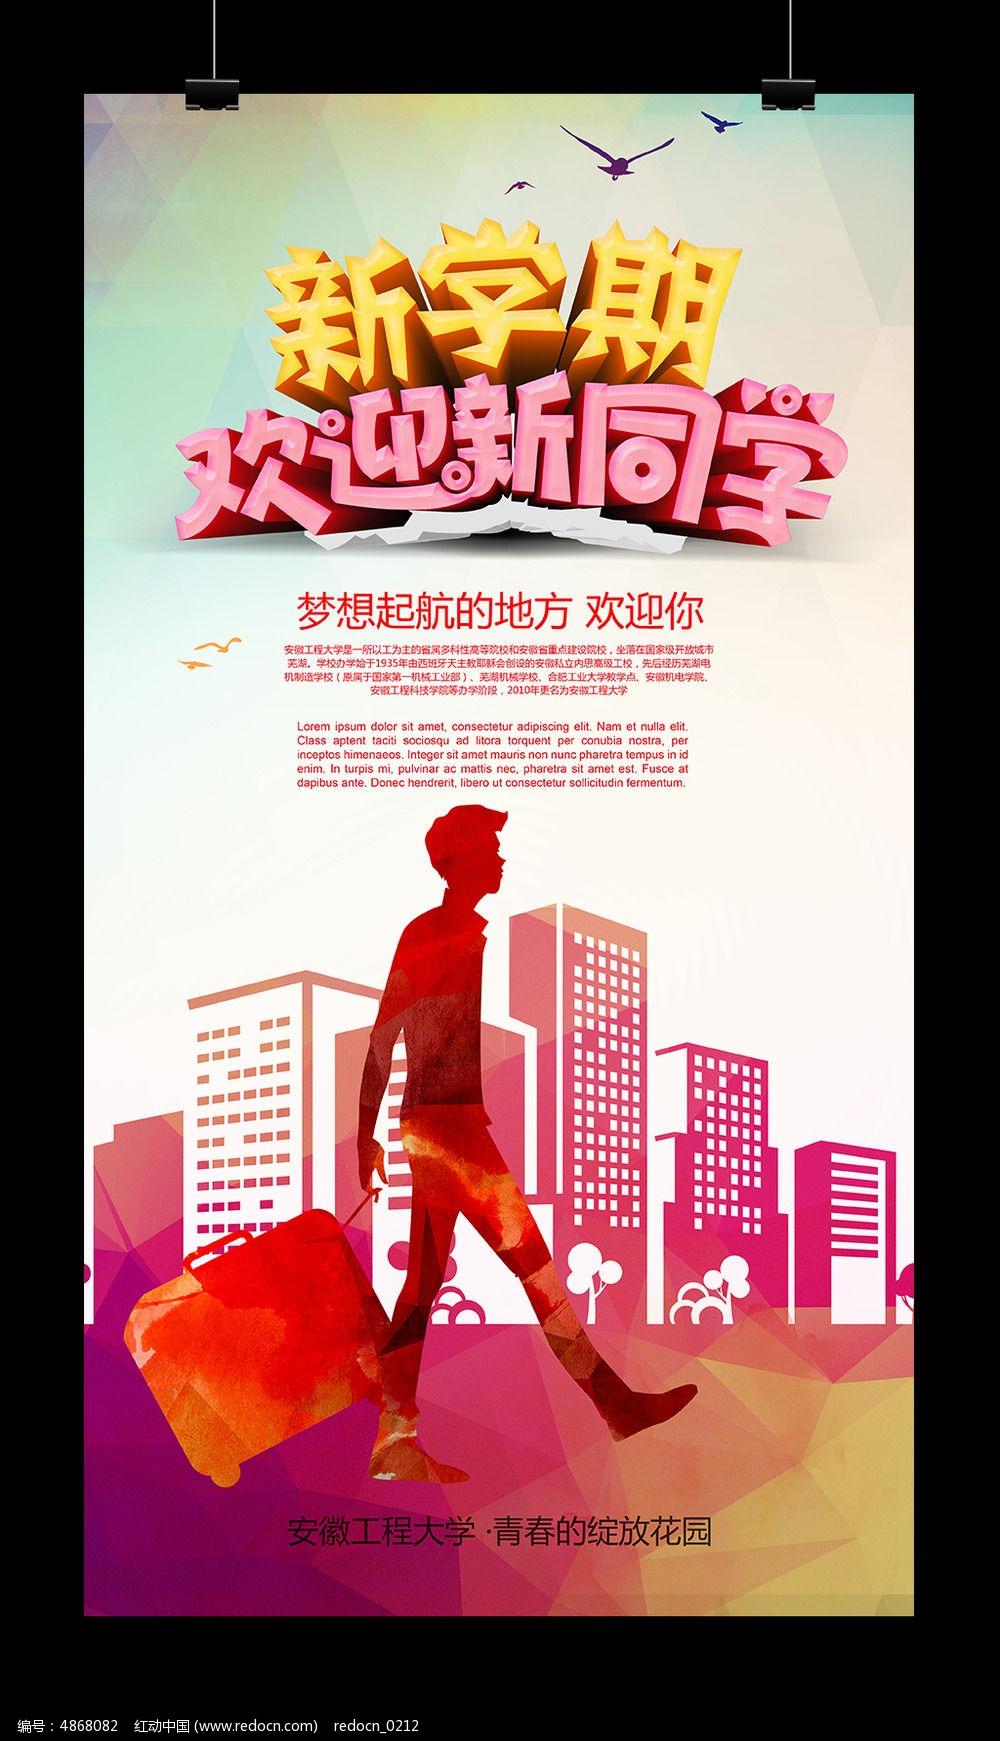 安徽工程大学迎新海报设计素材欣赏